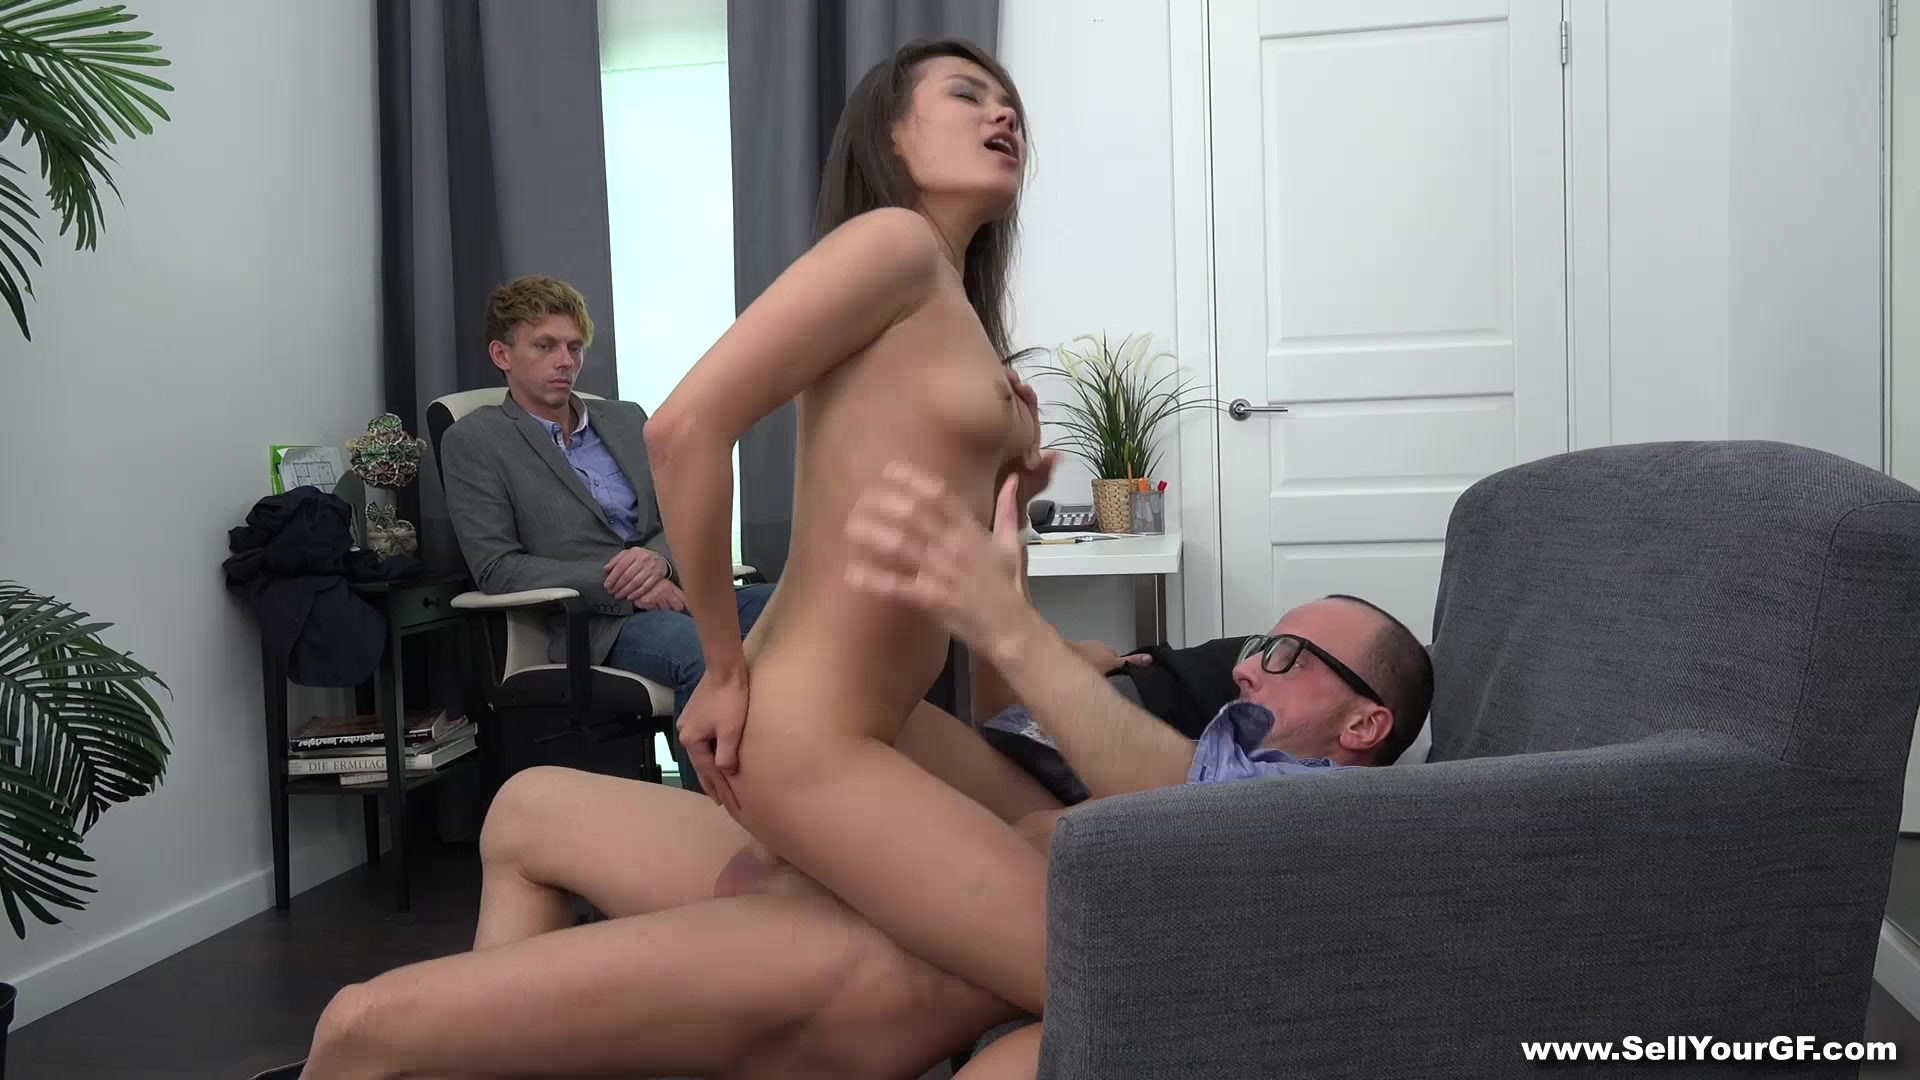 Трахать жену босса, Мой босс трахает мою жену -видео. Смотреть мой 22 фотография